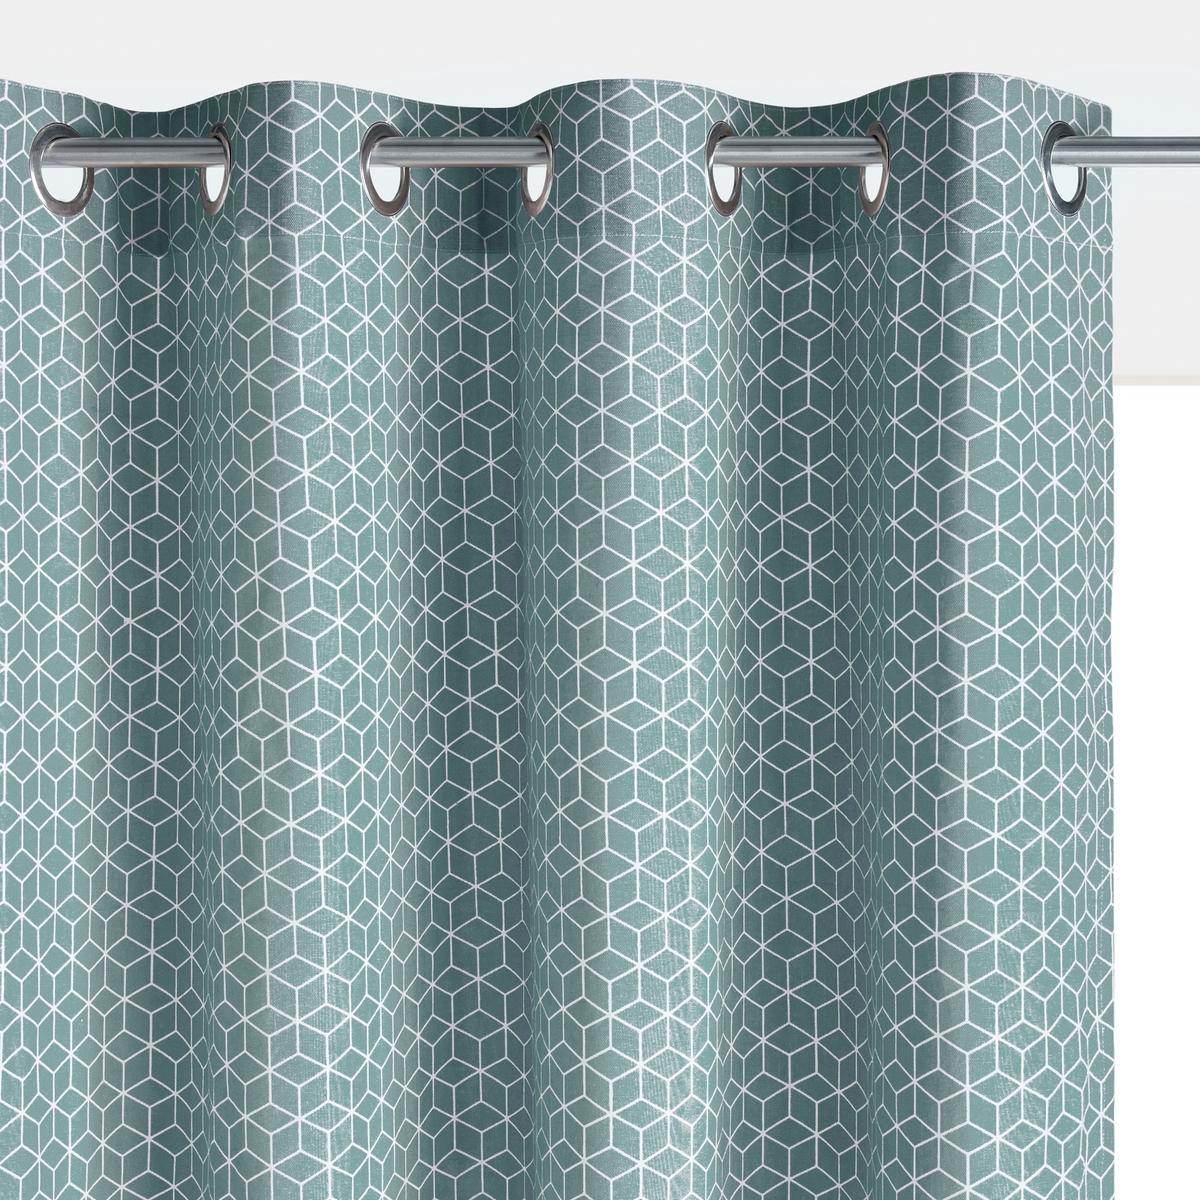 Штора La Redoute С рисунком DECIO 350 x 140 см синий штора для кухни kauffort коттедж на ленте с подхватом цвет синий ширина 136 см высота 175 см